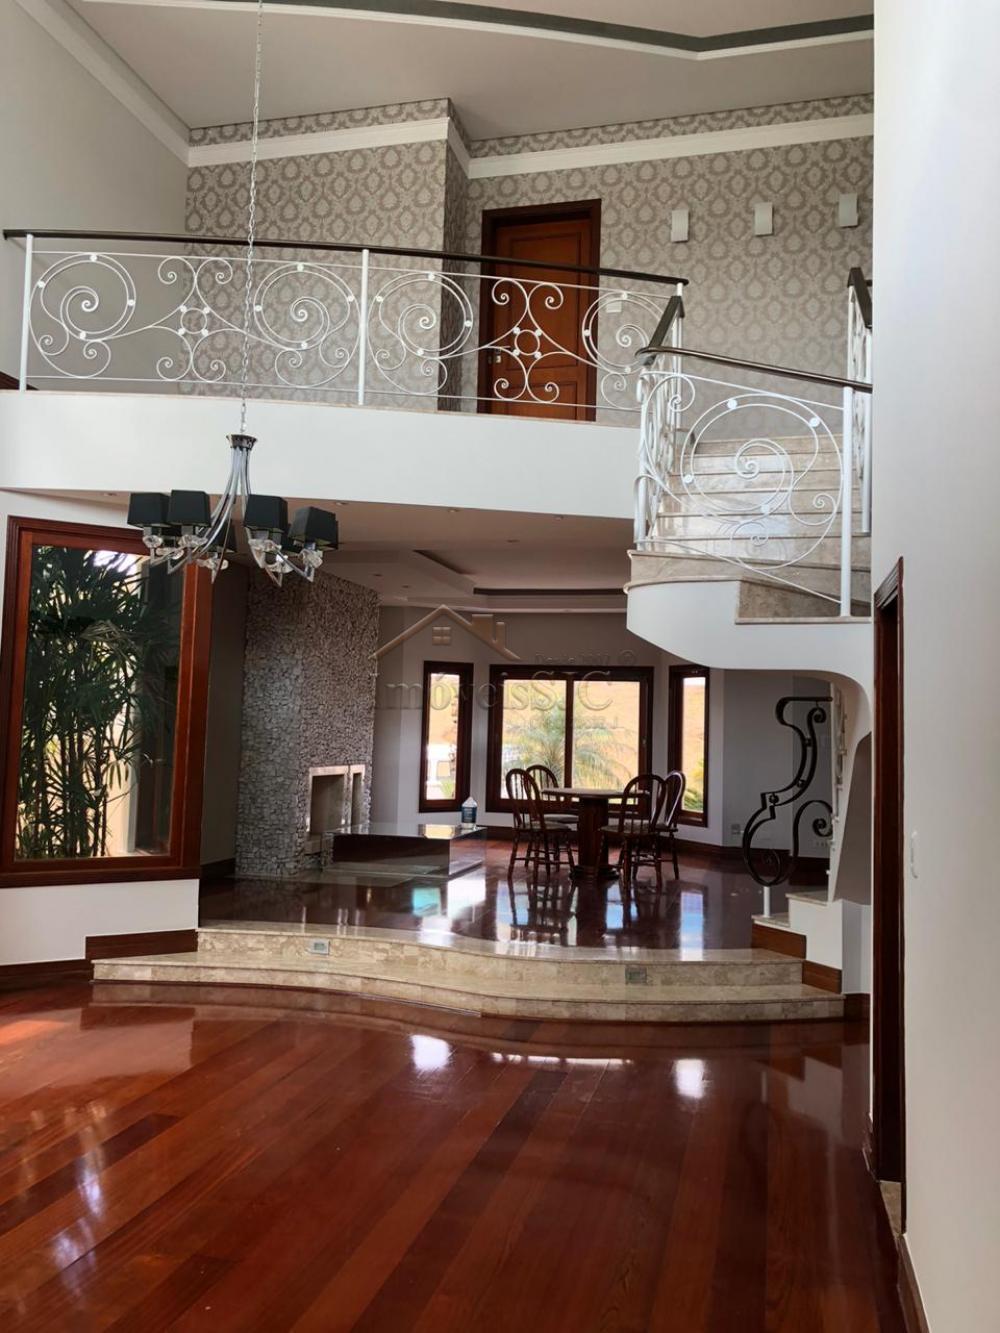 Comprar Casas / Condomínio em São José dos Campos apenas R$ 1.600.000,00 - Foto 1